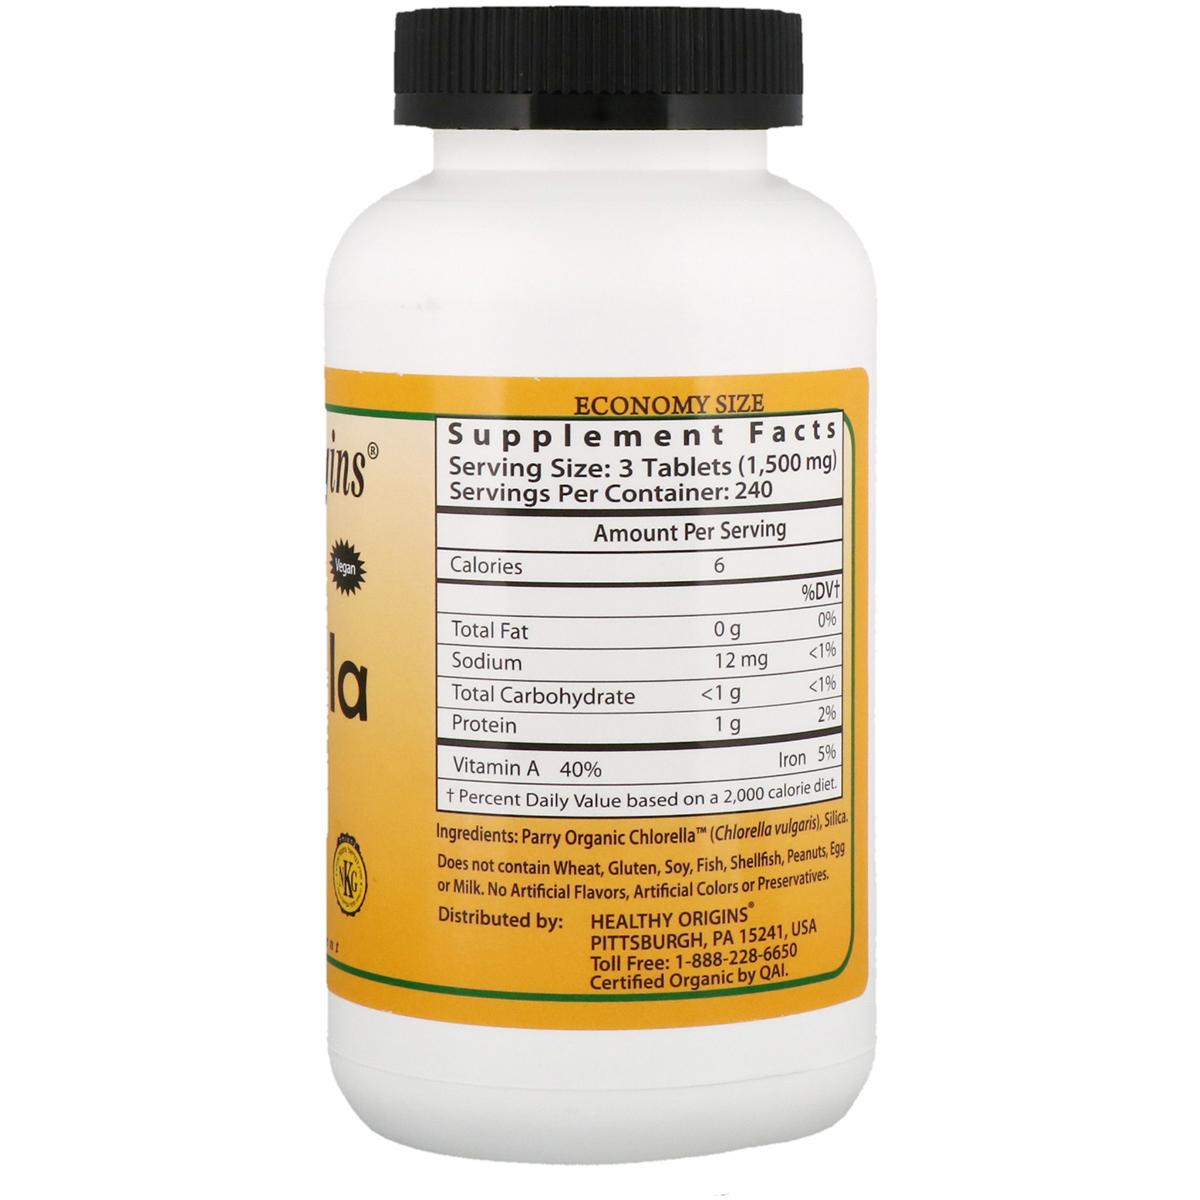 Органическая Хлорелла 500мг, Healthy Origins, 180 таблеток